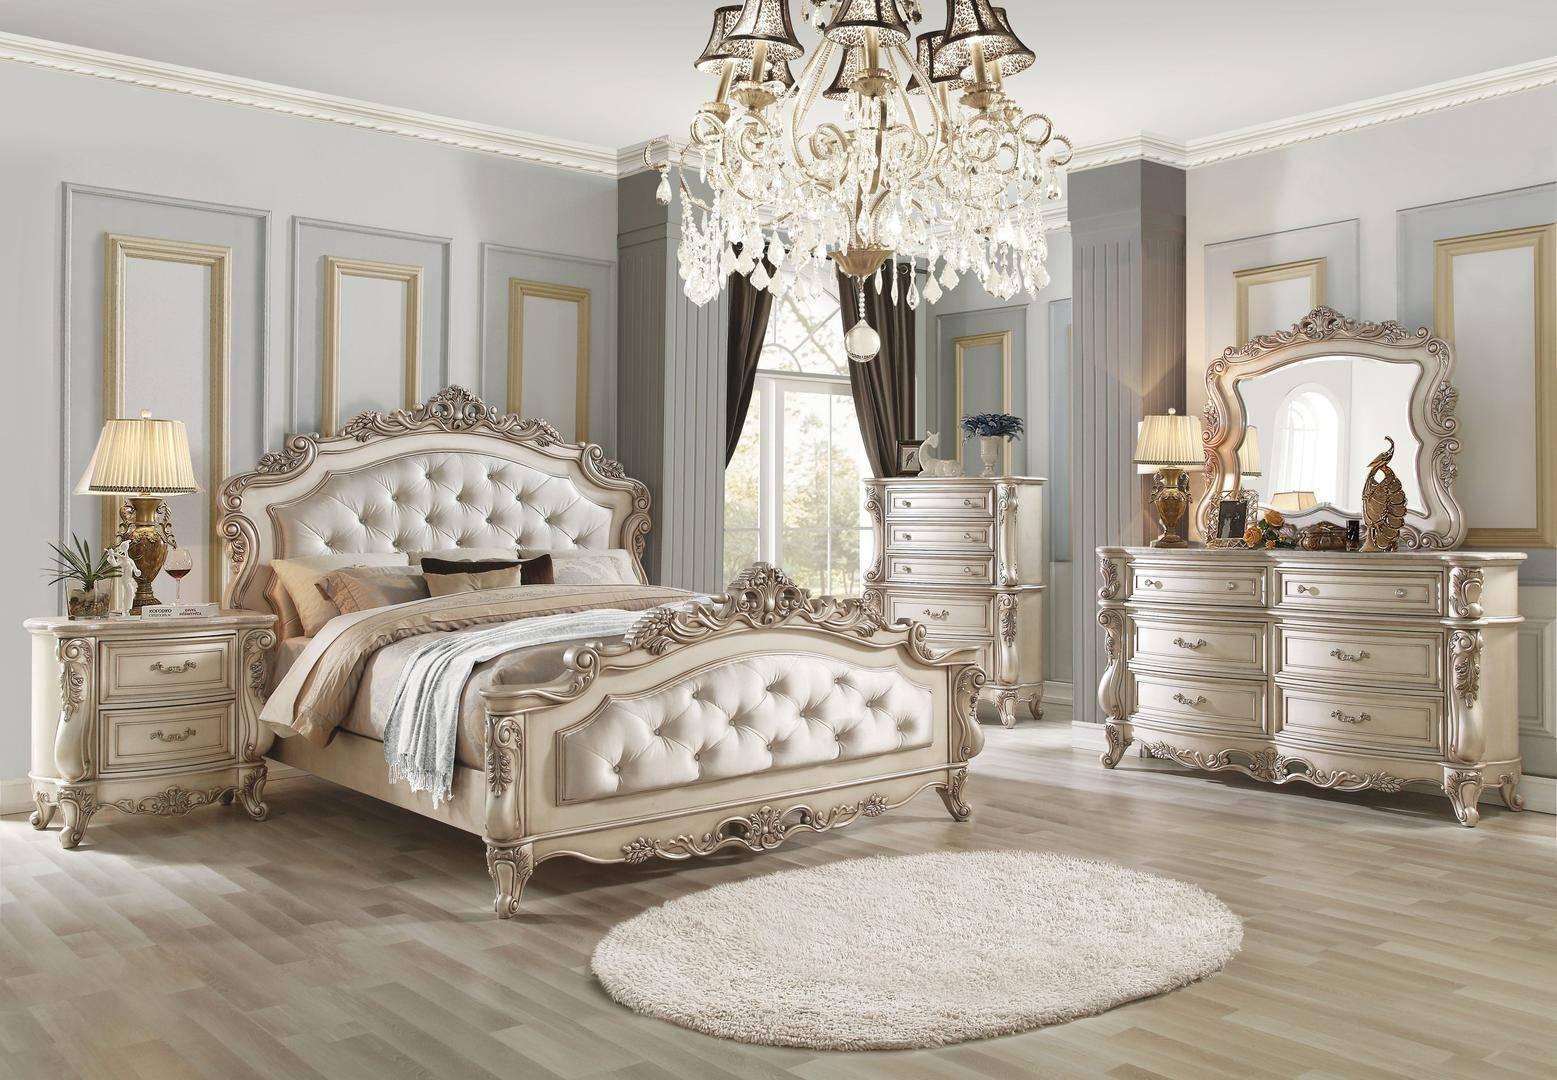 ACME Gorsedd Queen Panel Bedroom Set 5 Pcs in Cream, Antique White, Fabric